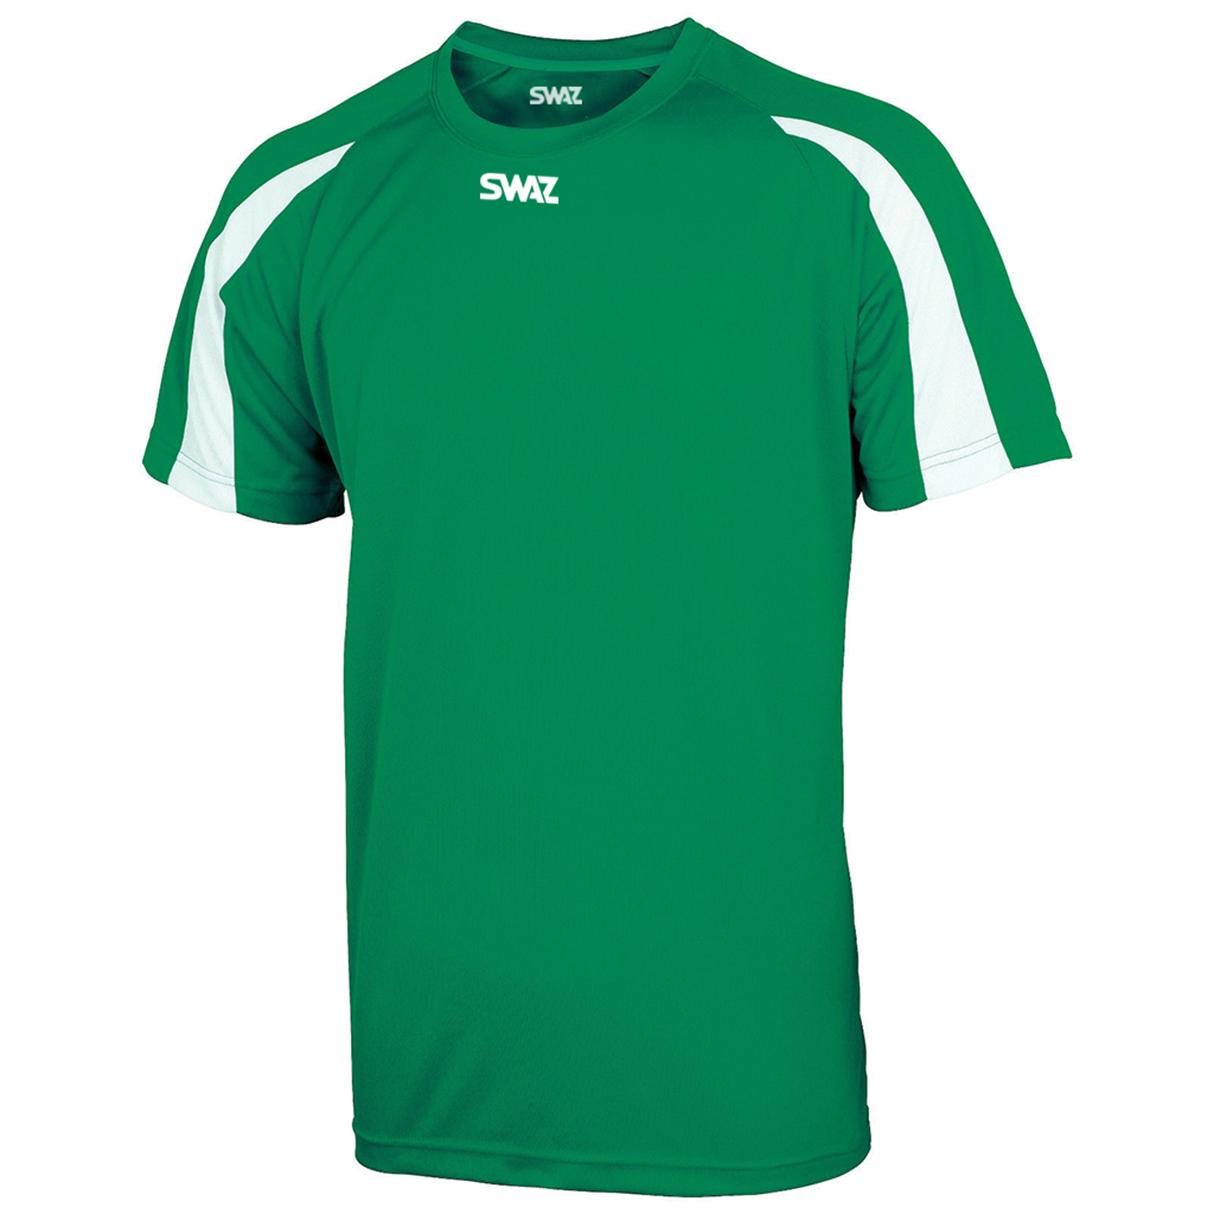 SWAZ Premier Training T-Shirt – Green/White